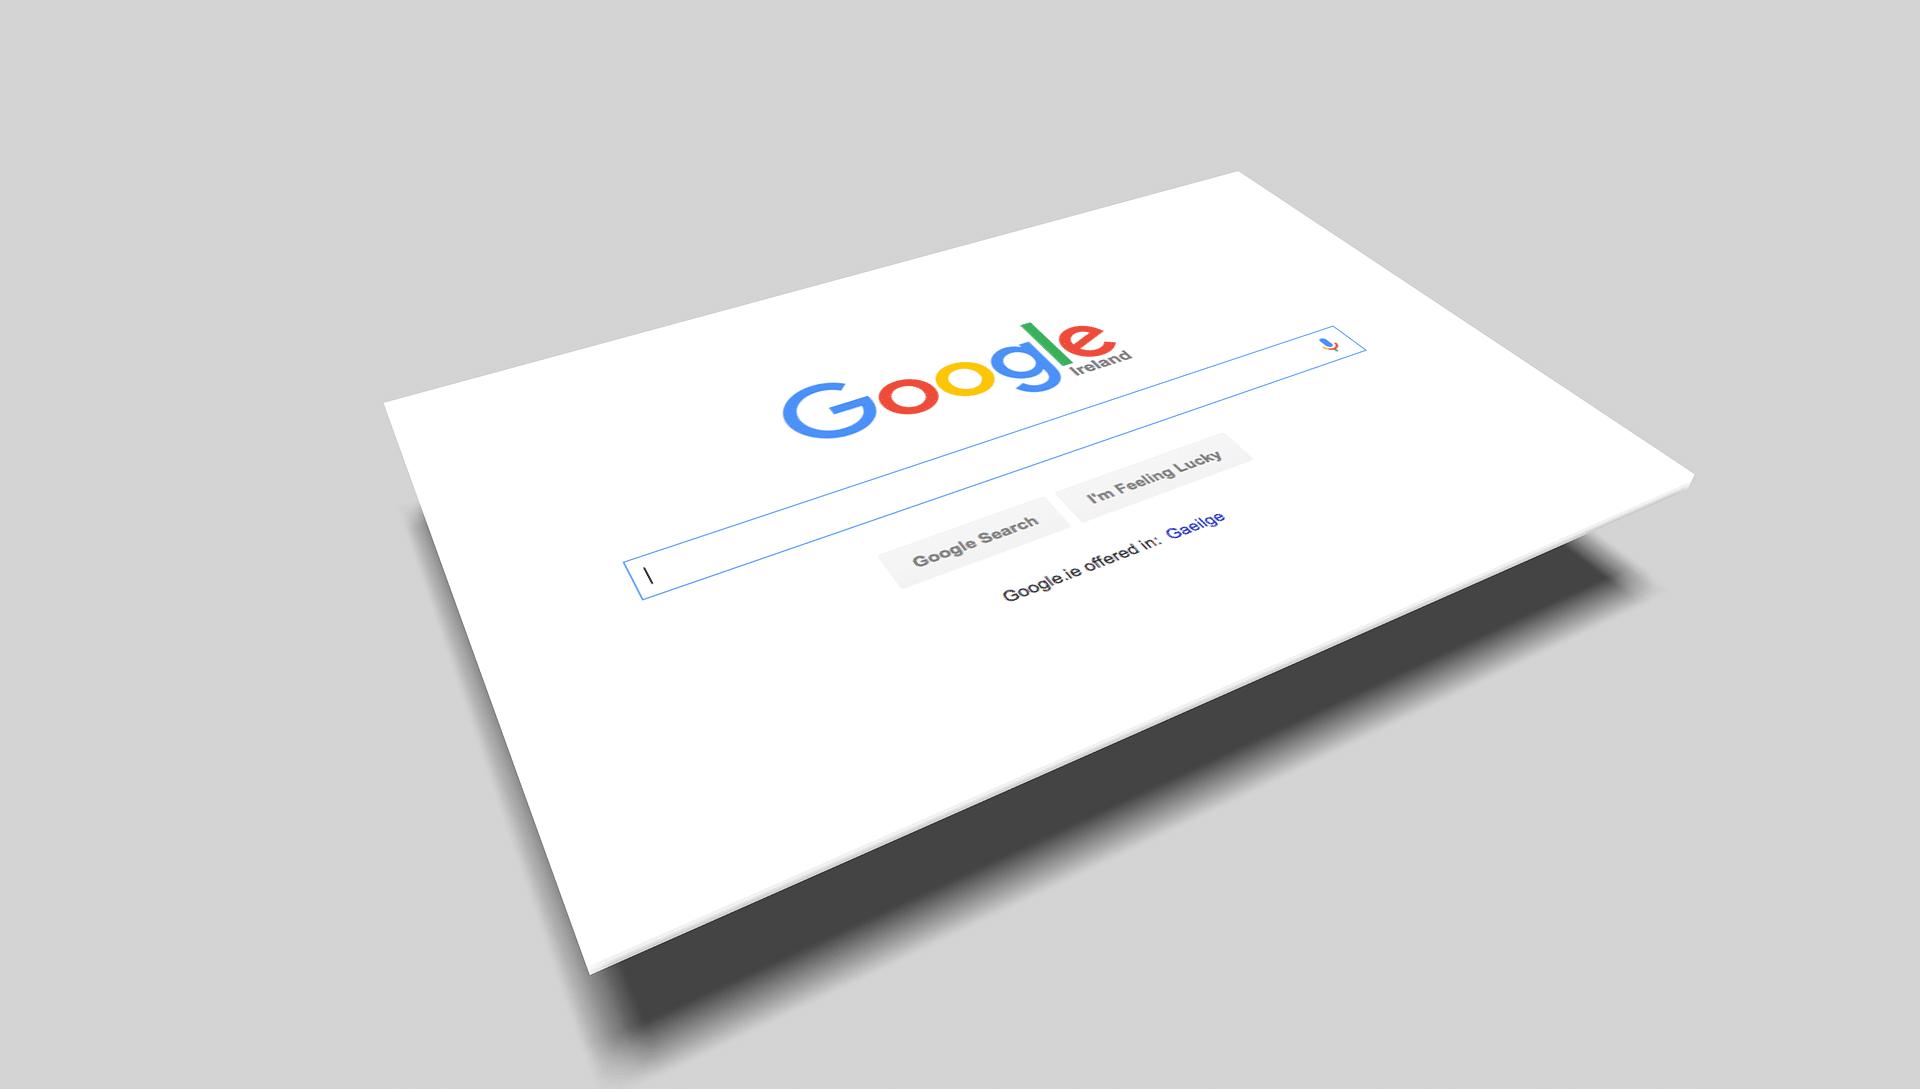 Jak sprawdzić pozycję strony w Google?